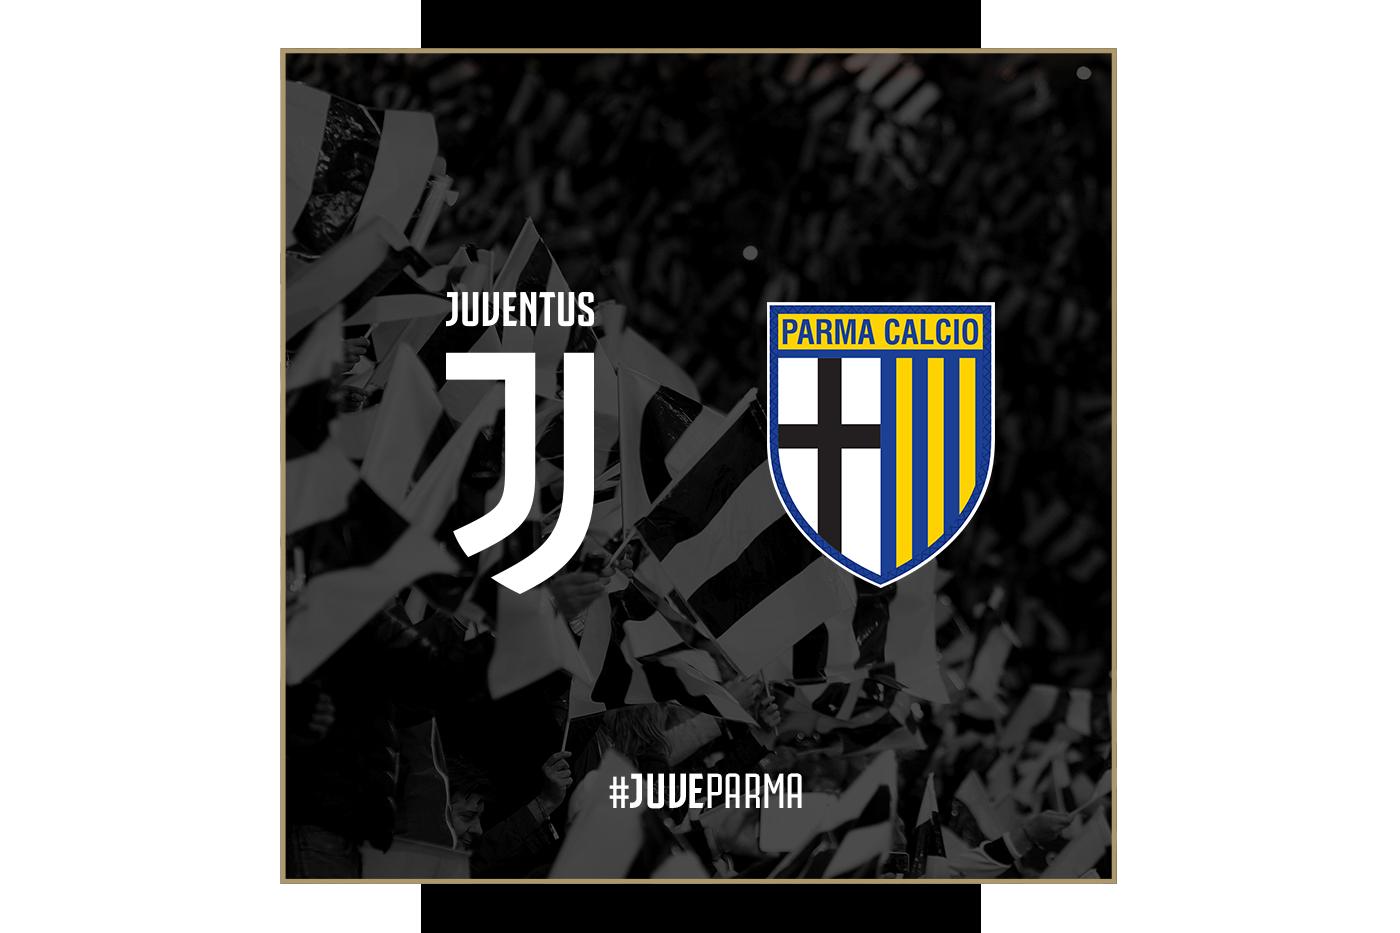 Juventus- Parma Domenica 19 gennaio 2020 ore 20.45, Allianz Stadium